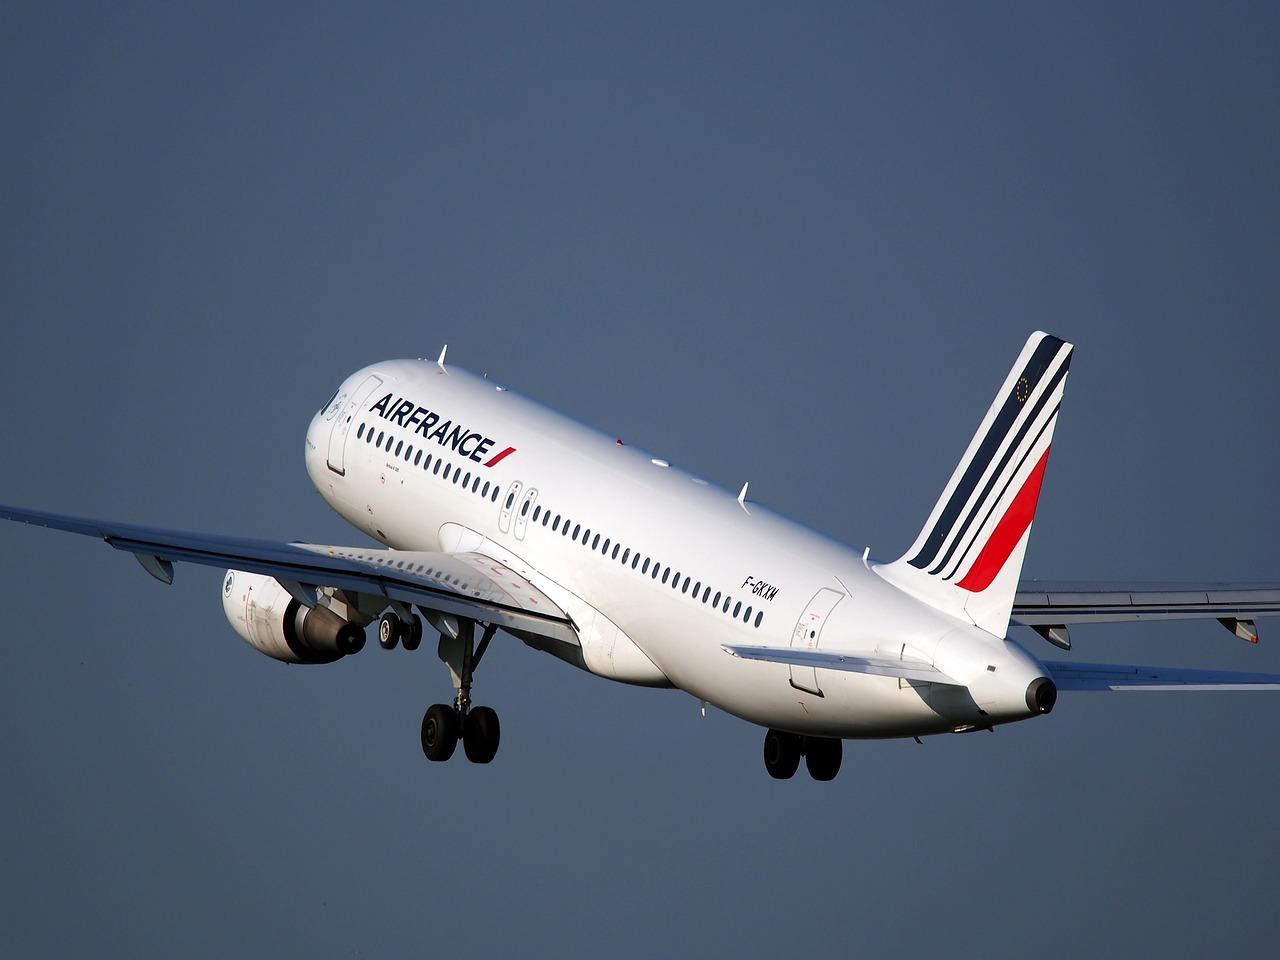 sa_1529526319_airplane-1995432_1280